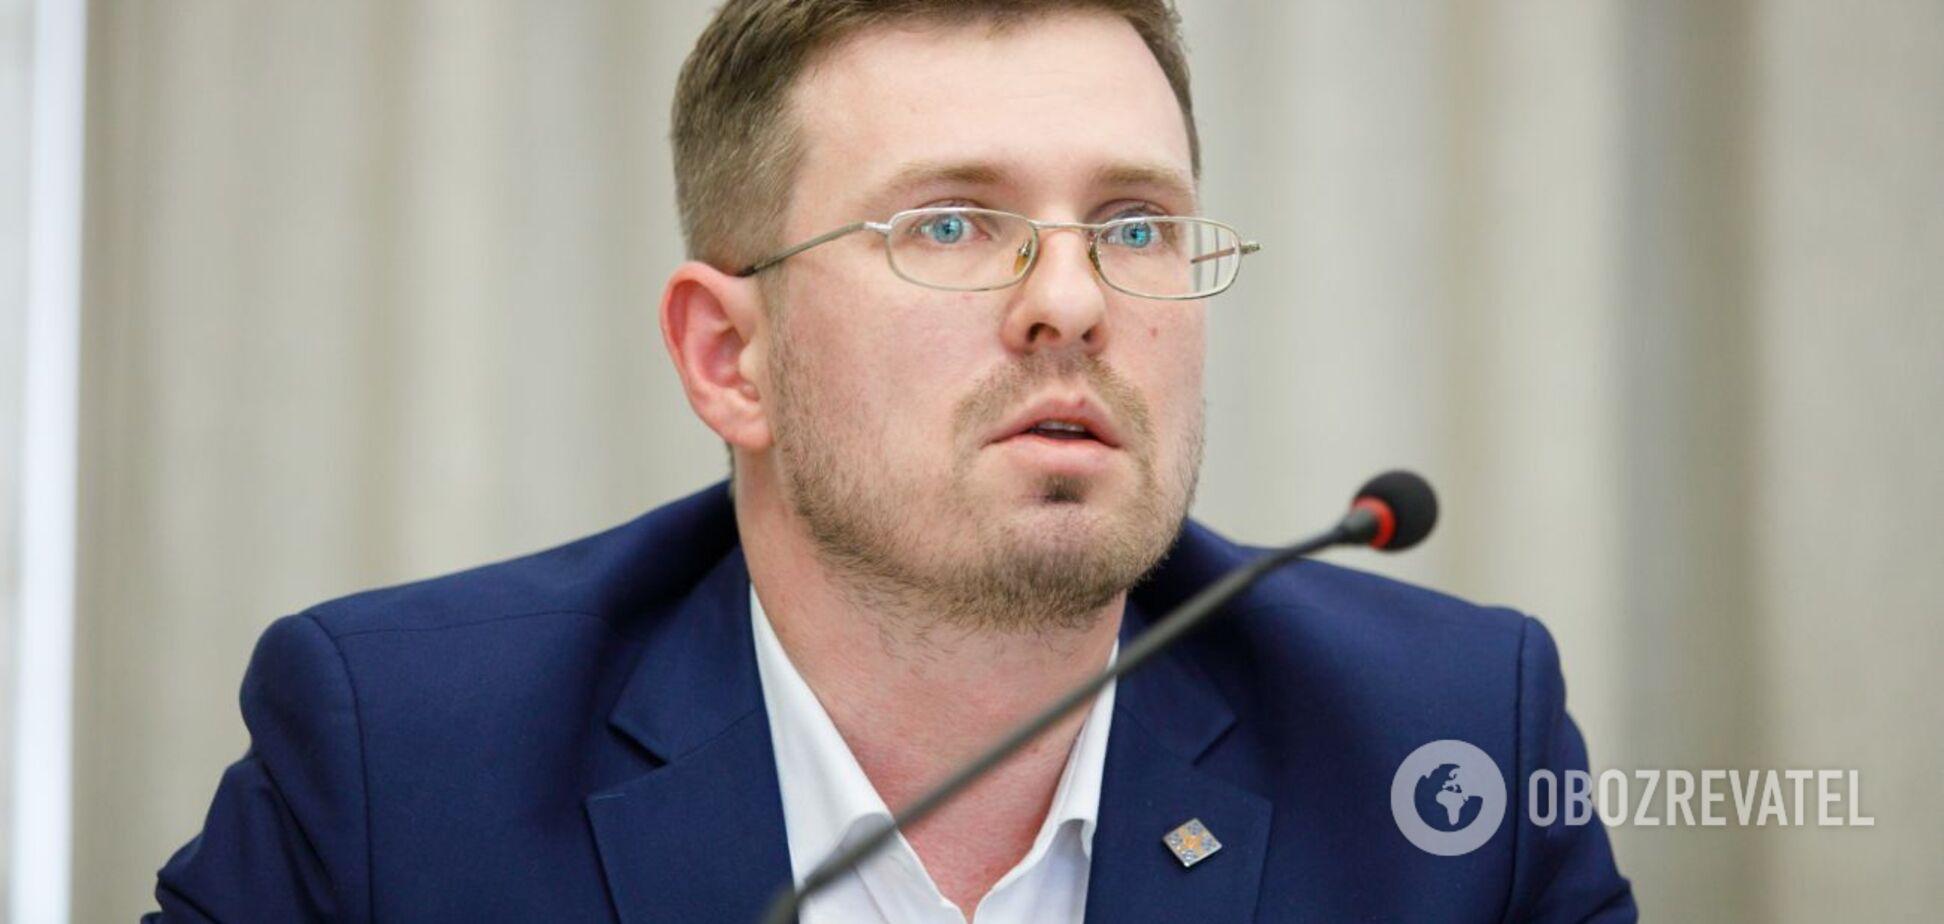 Вакцина Pfizer станет доступна для всех украинцев уже в конце июля, – Кузин